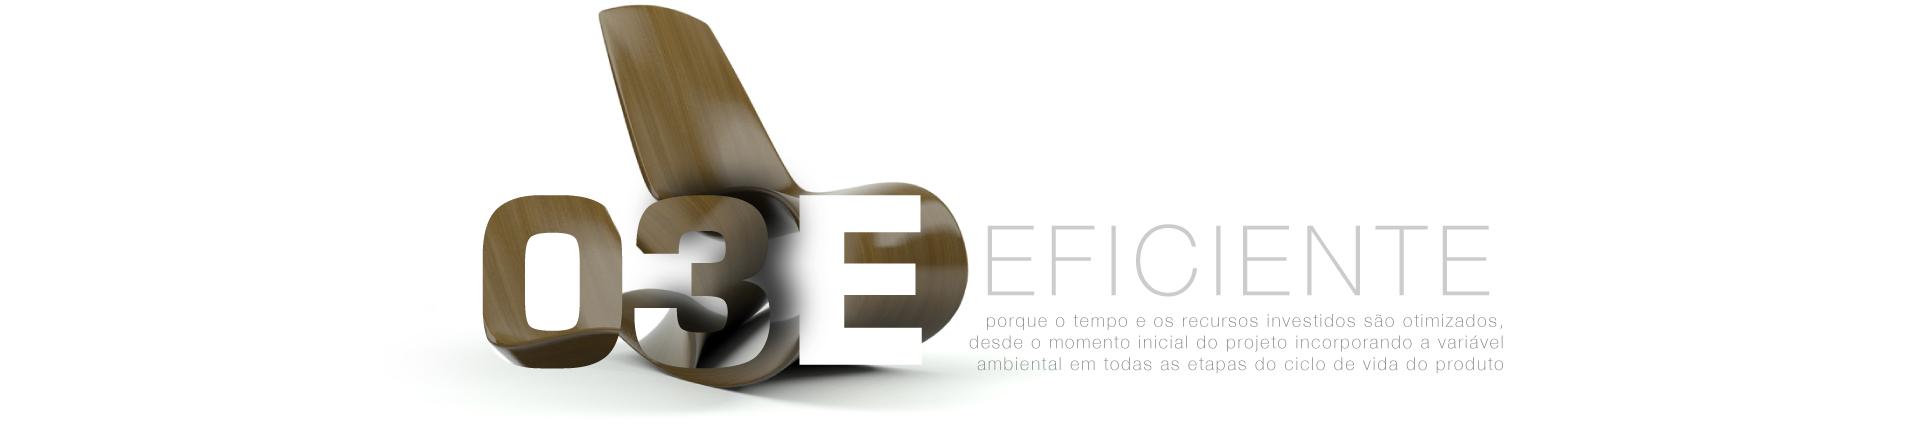 EFICIENTE_PT